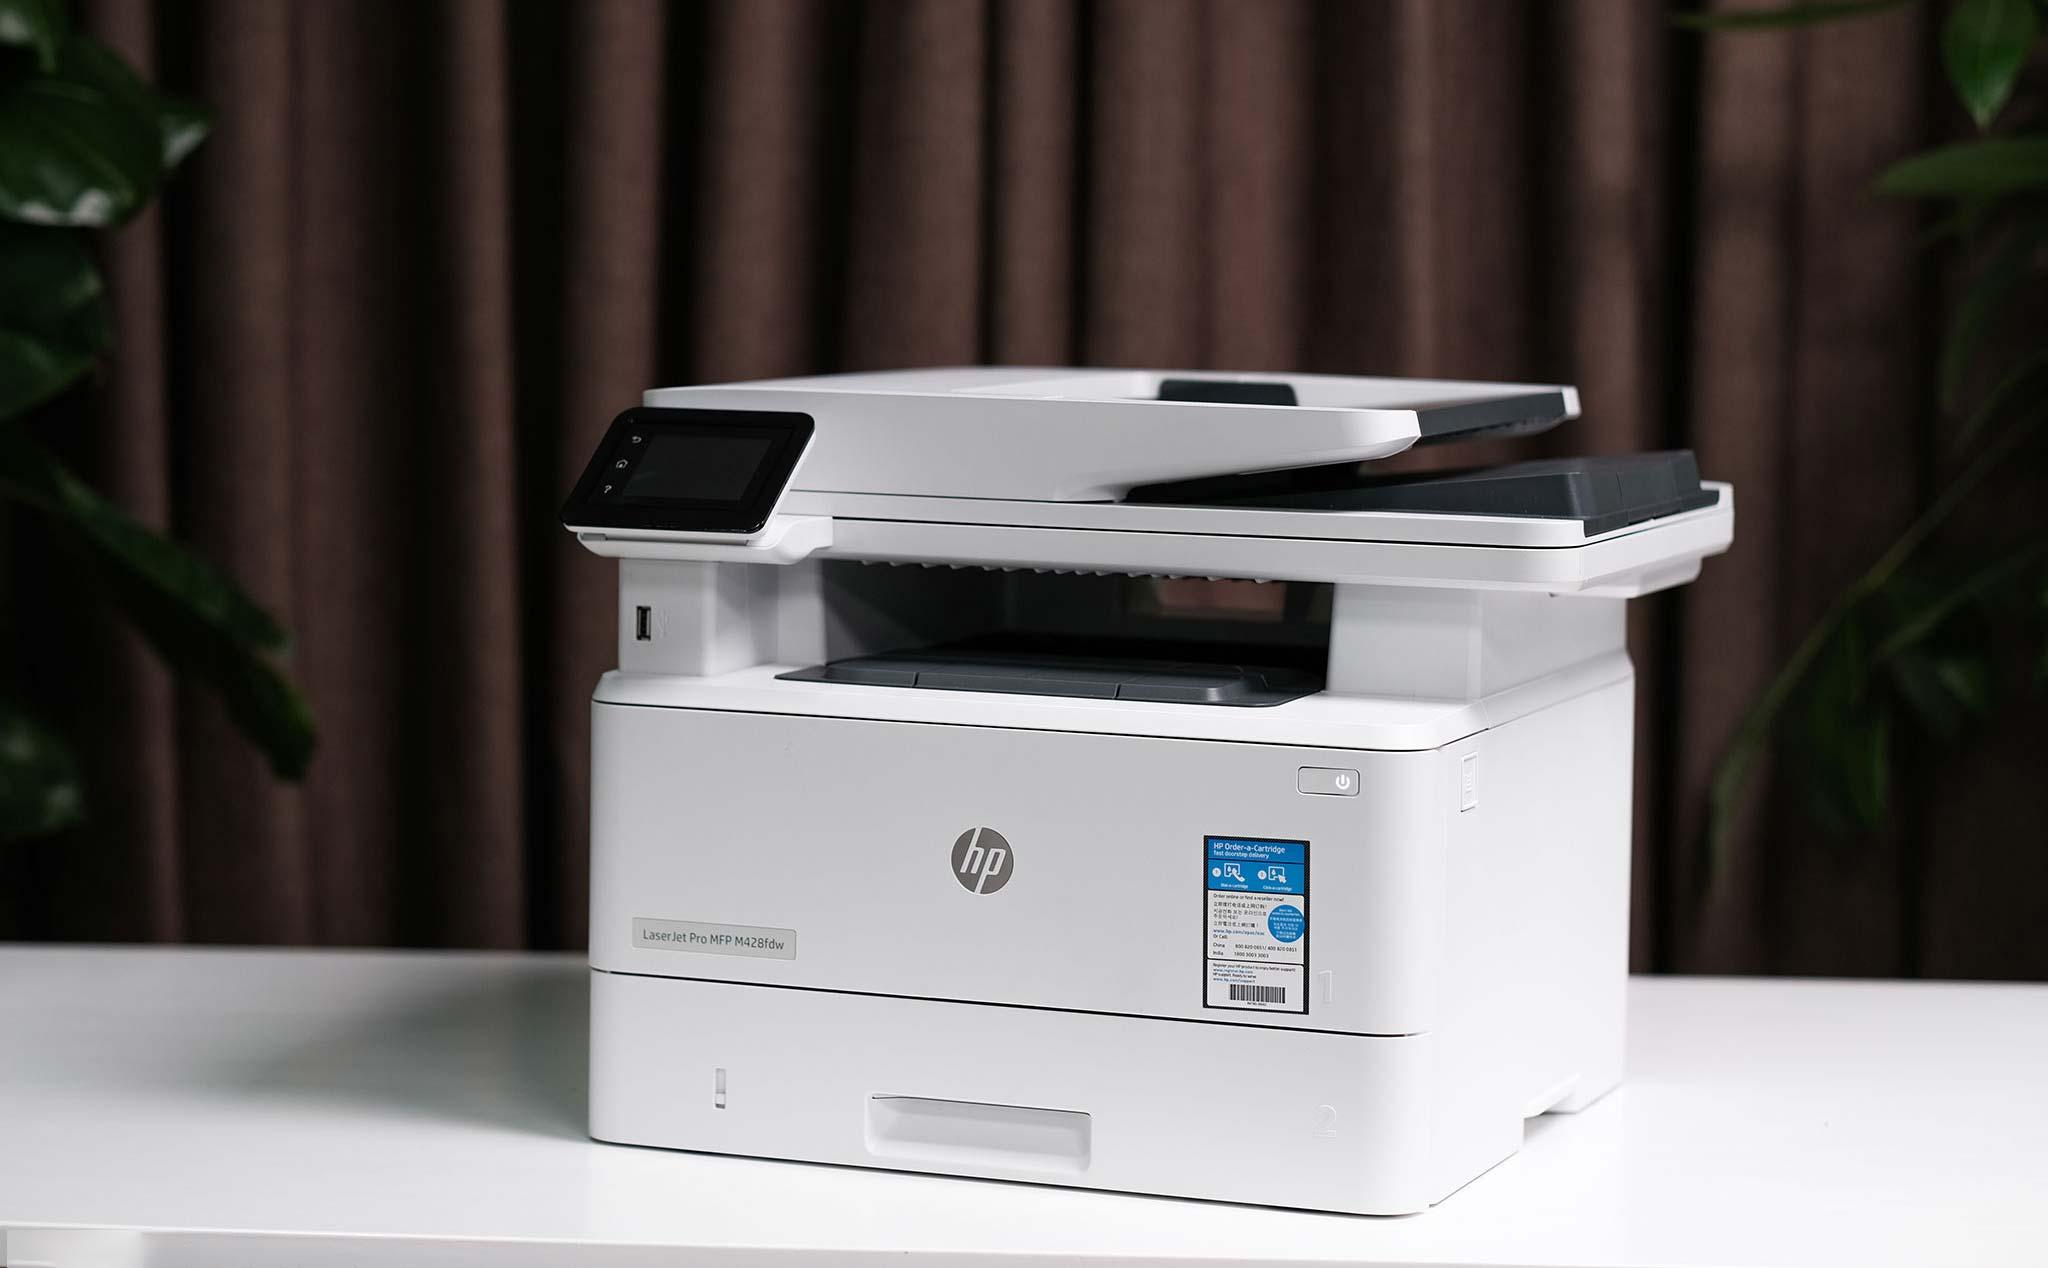 Trên tay máy in HP LaserJet Pro MFP M428: lựa chọn tốt cho doanh nghiệp